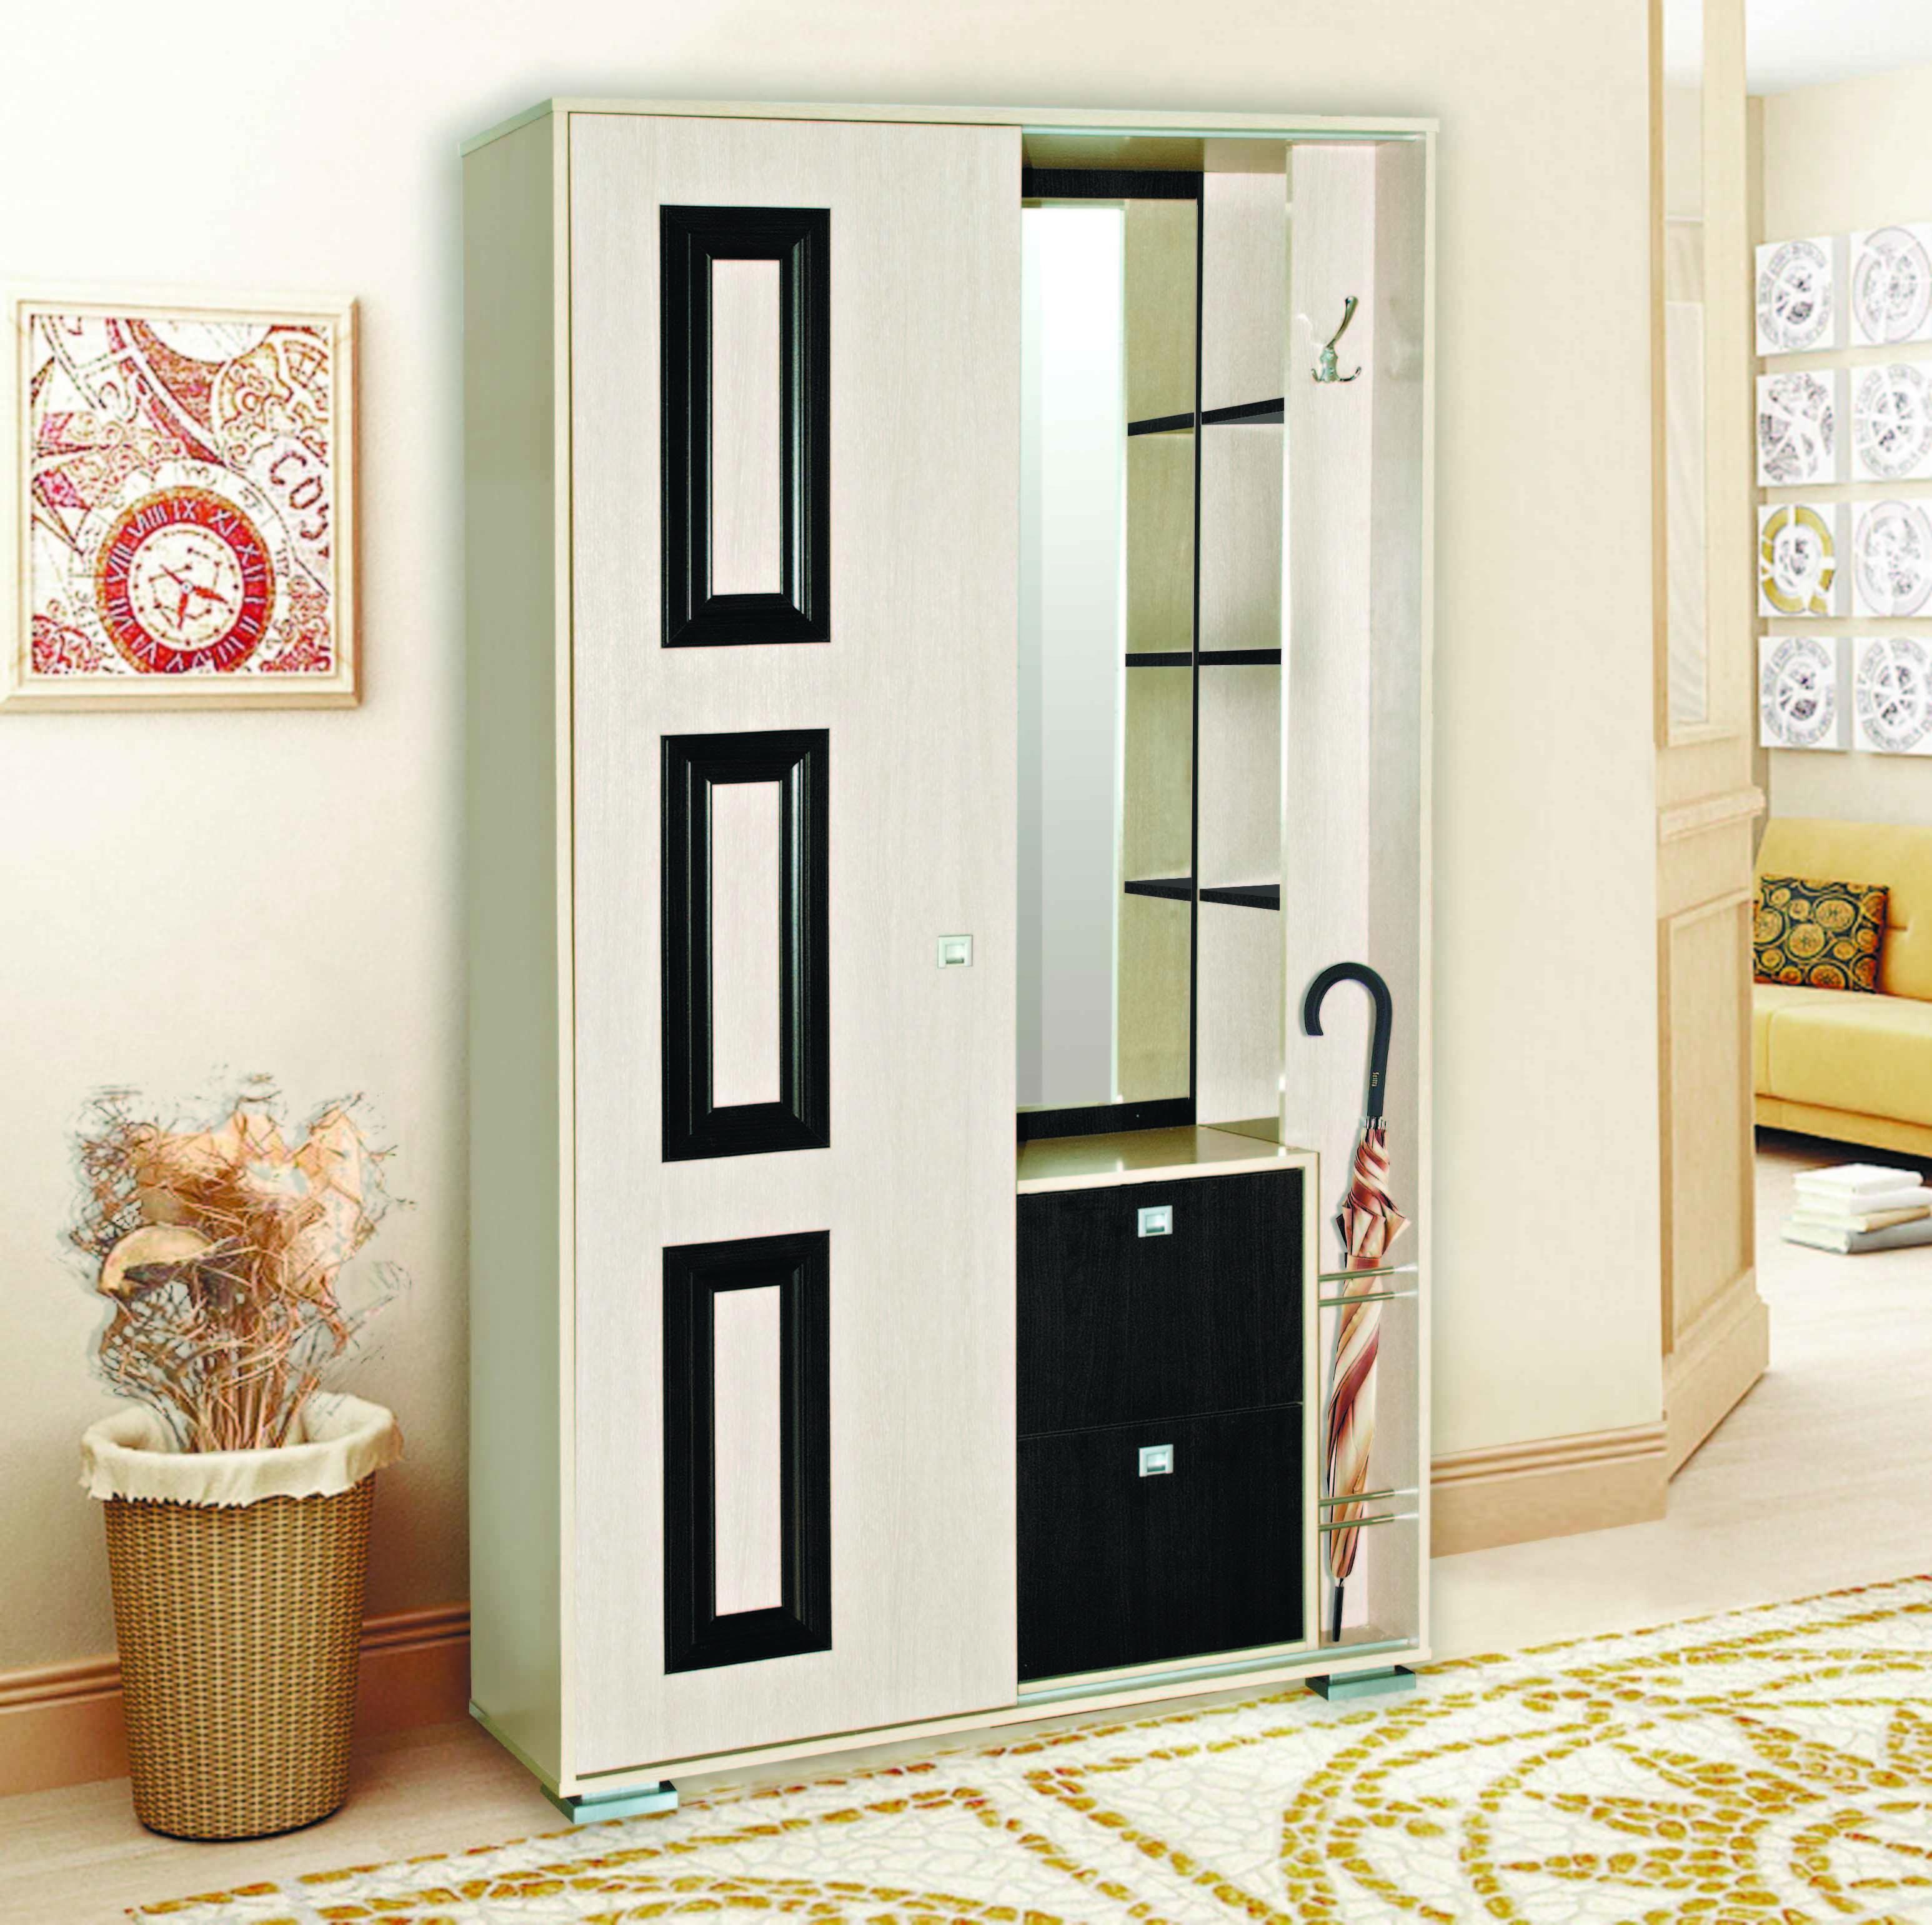 Визит - М19 шкаф комбинированный от Столплит